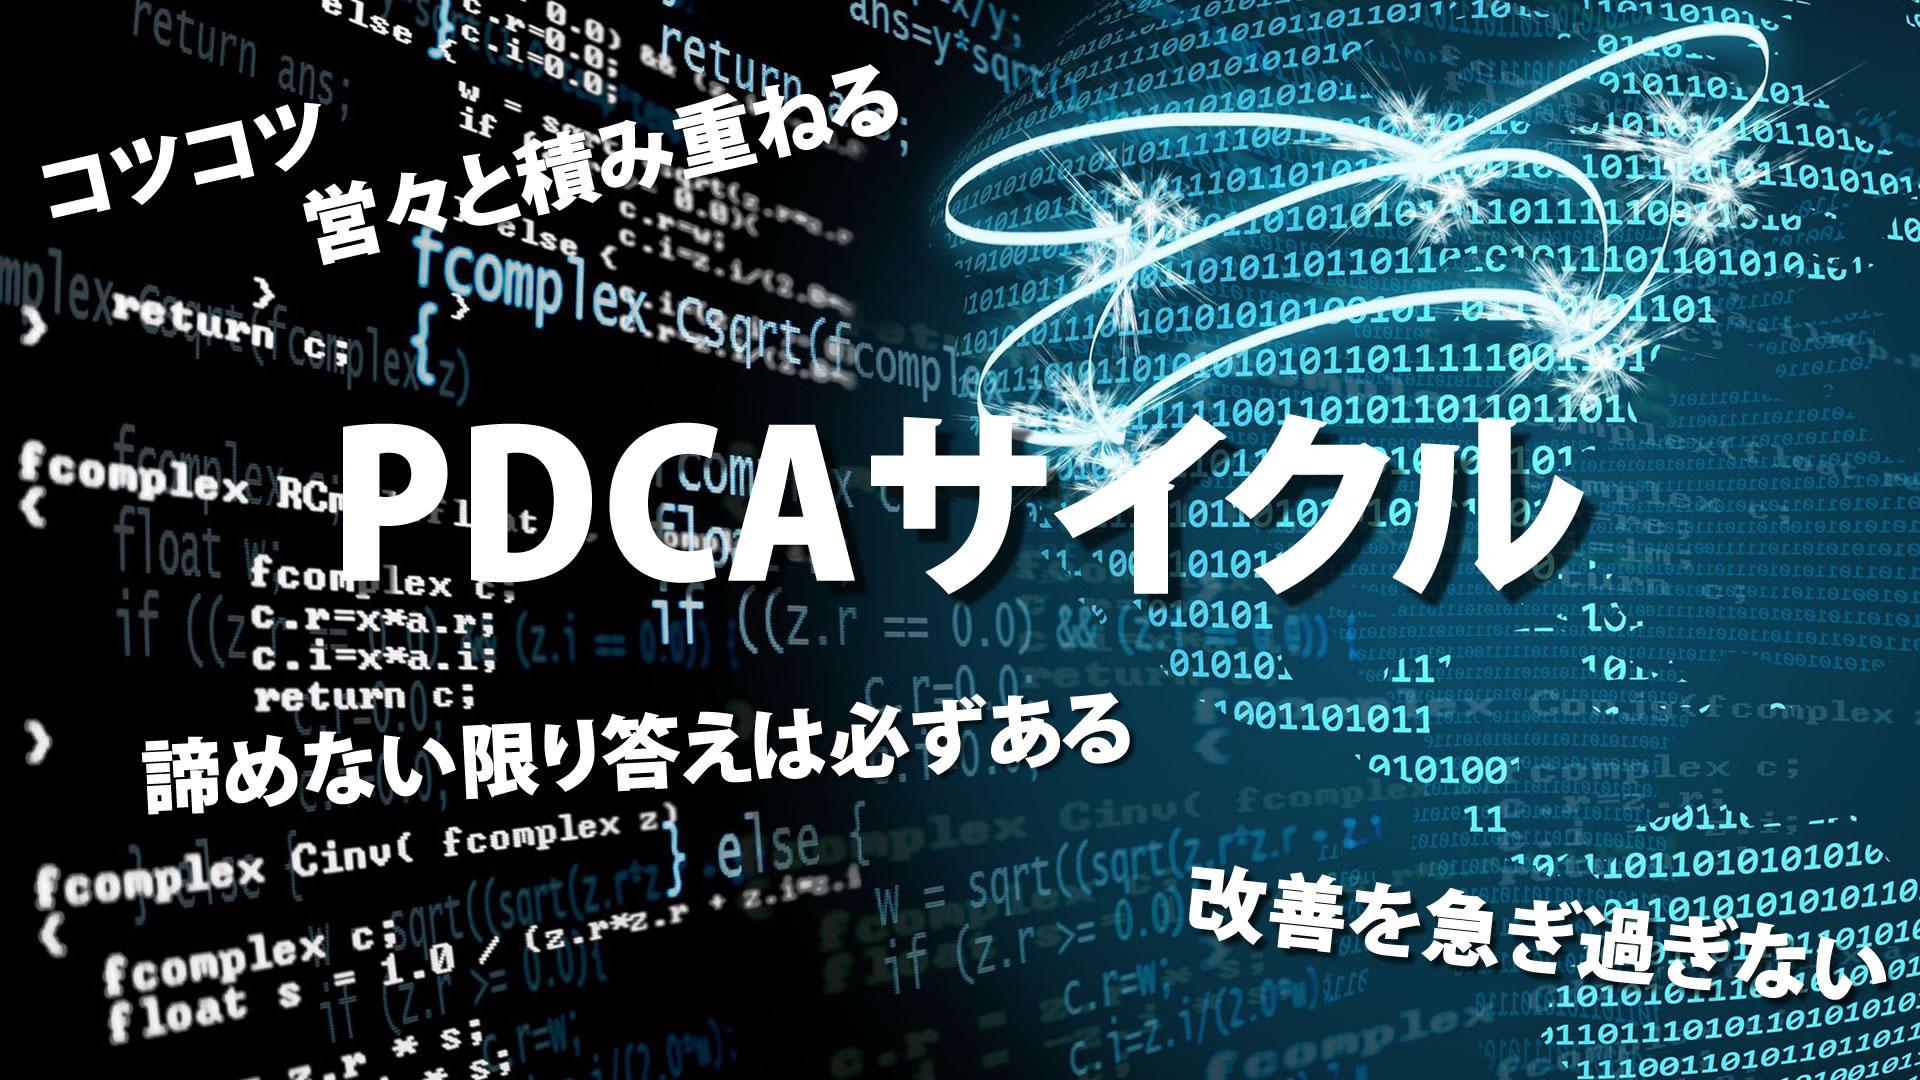 PDCAサイクル~トレーダーの仕事はPDCAサイクルを回し続ける事~